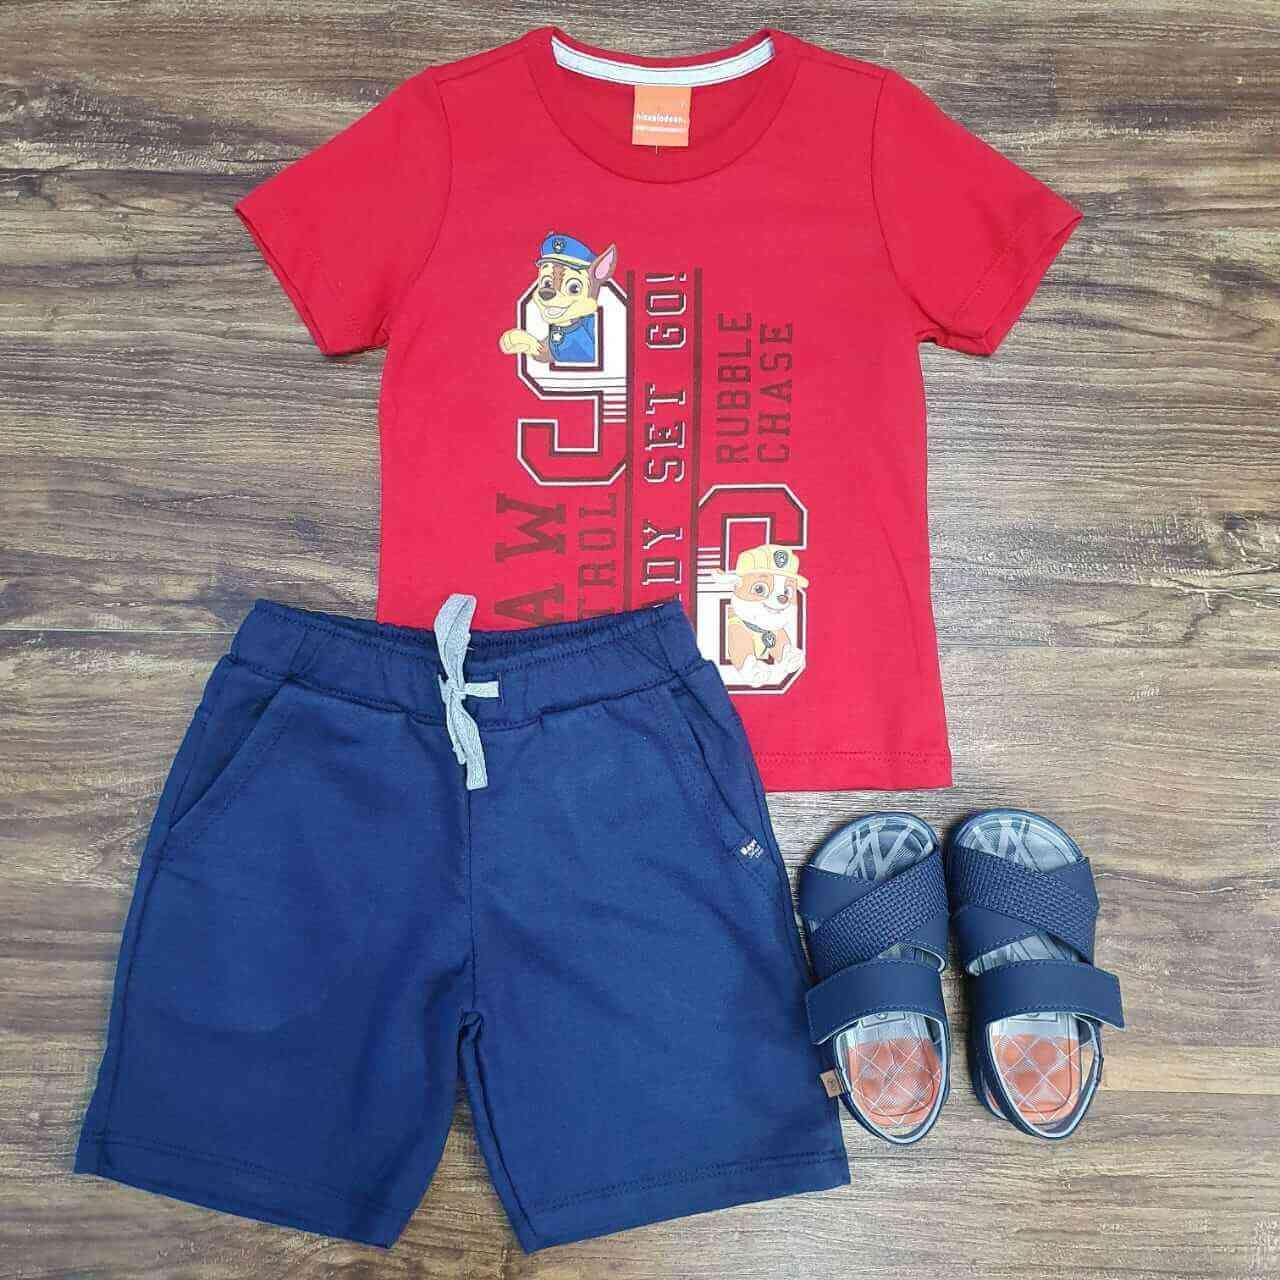 Bermuda Azul Marinho com Camiseta Patrulha Canina Infantil